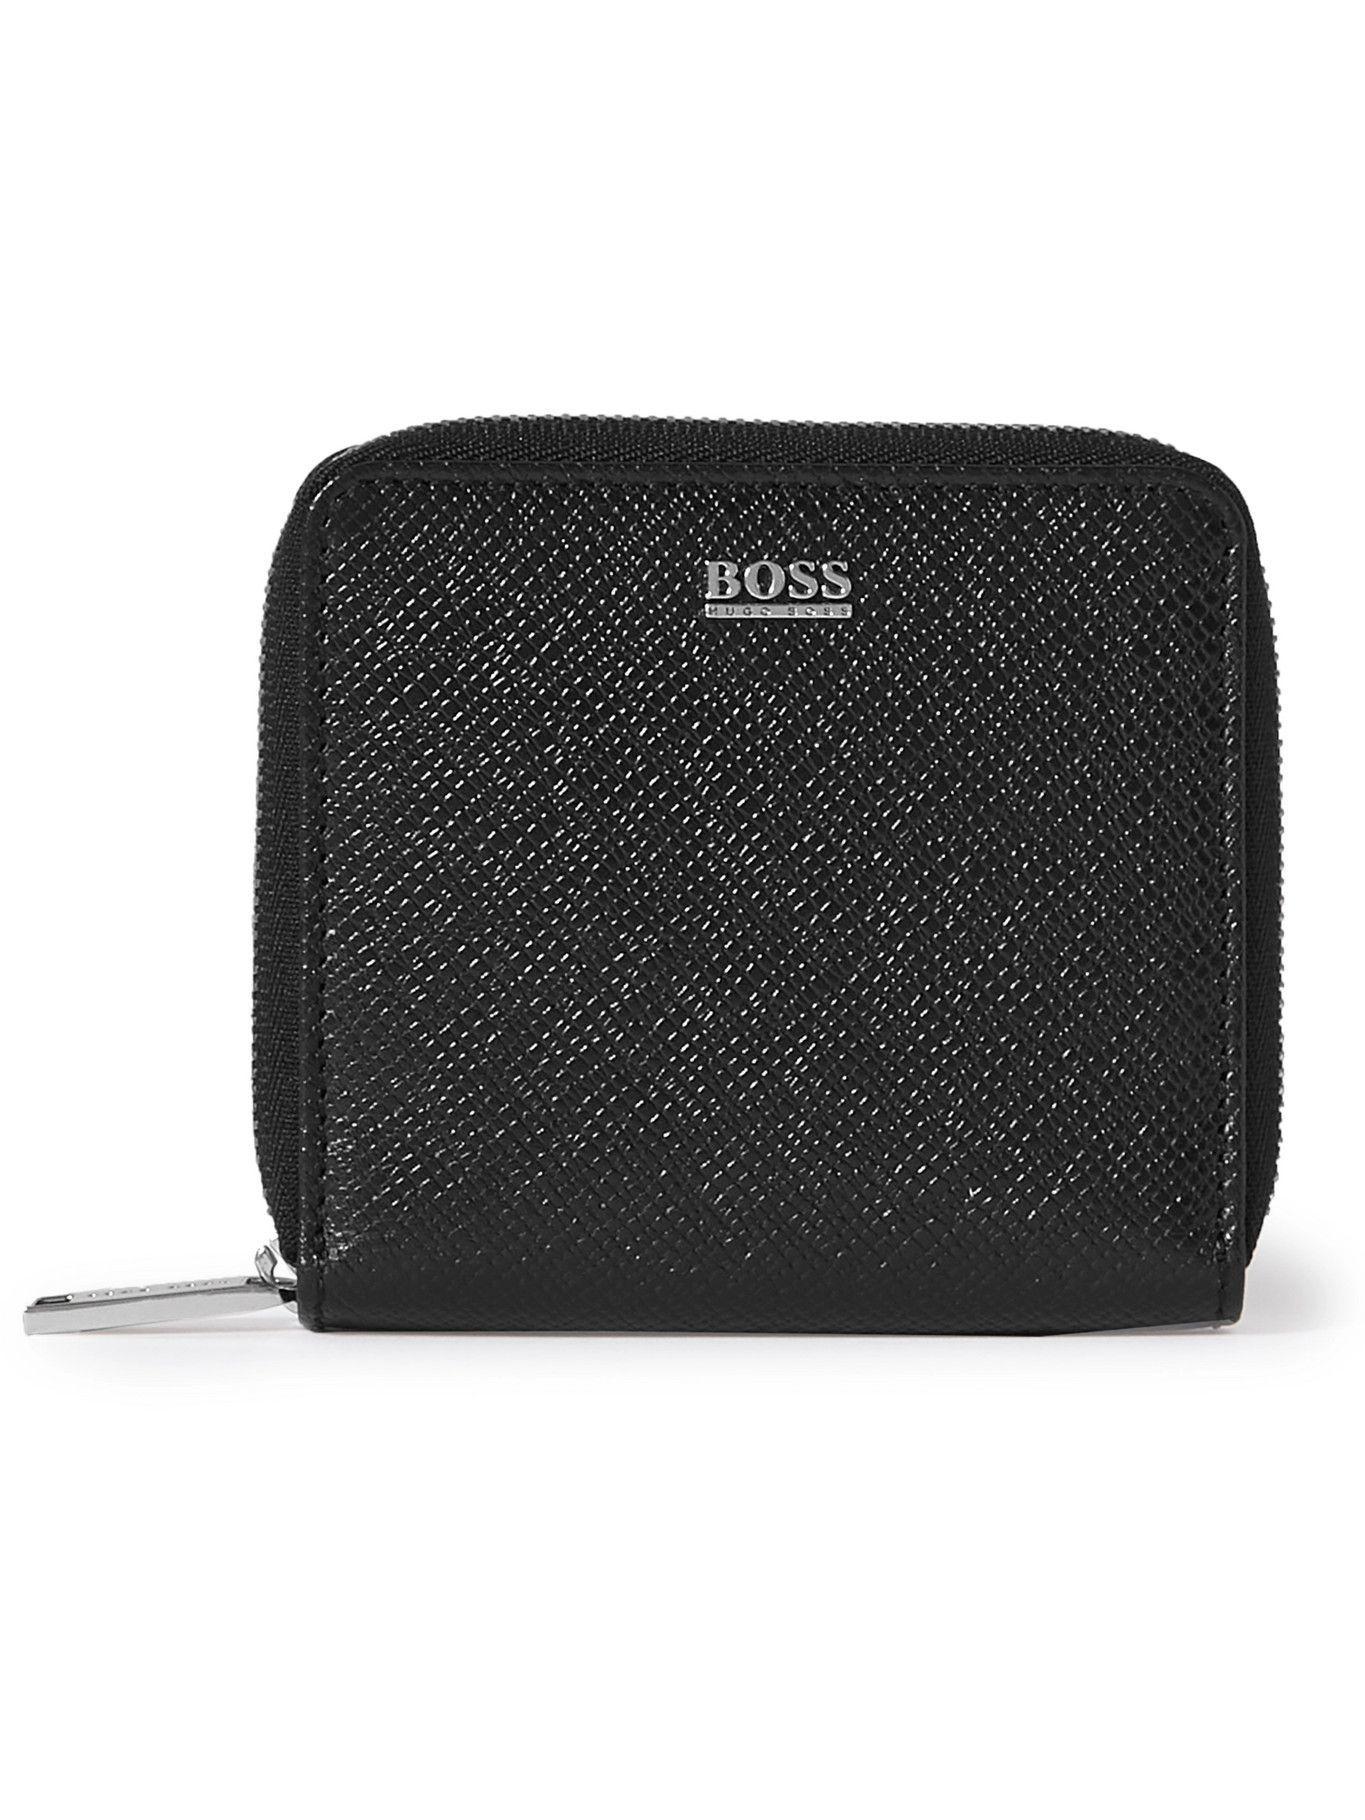 HUGO BOSS - Crosstown Cross-Grain Leather Zip-Around Wallet